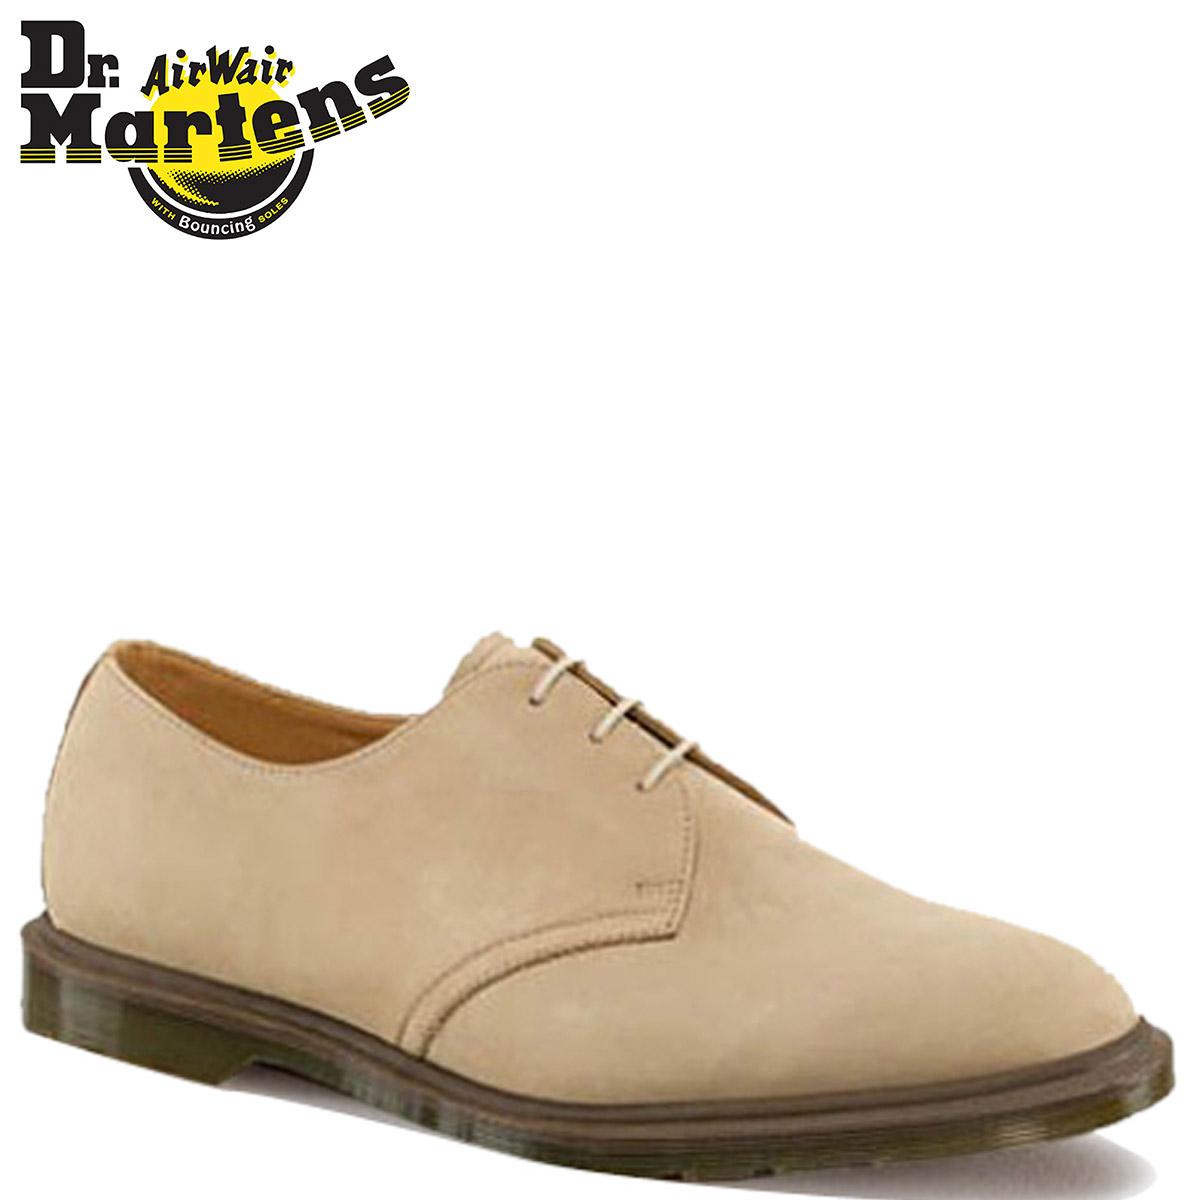 点 5 倍男装鞋博士马滕斯 Dr.Martens 3 厅 [灰褐色奶昔] R14348230 骏马